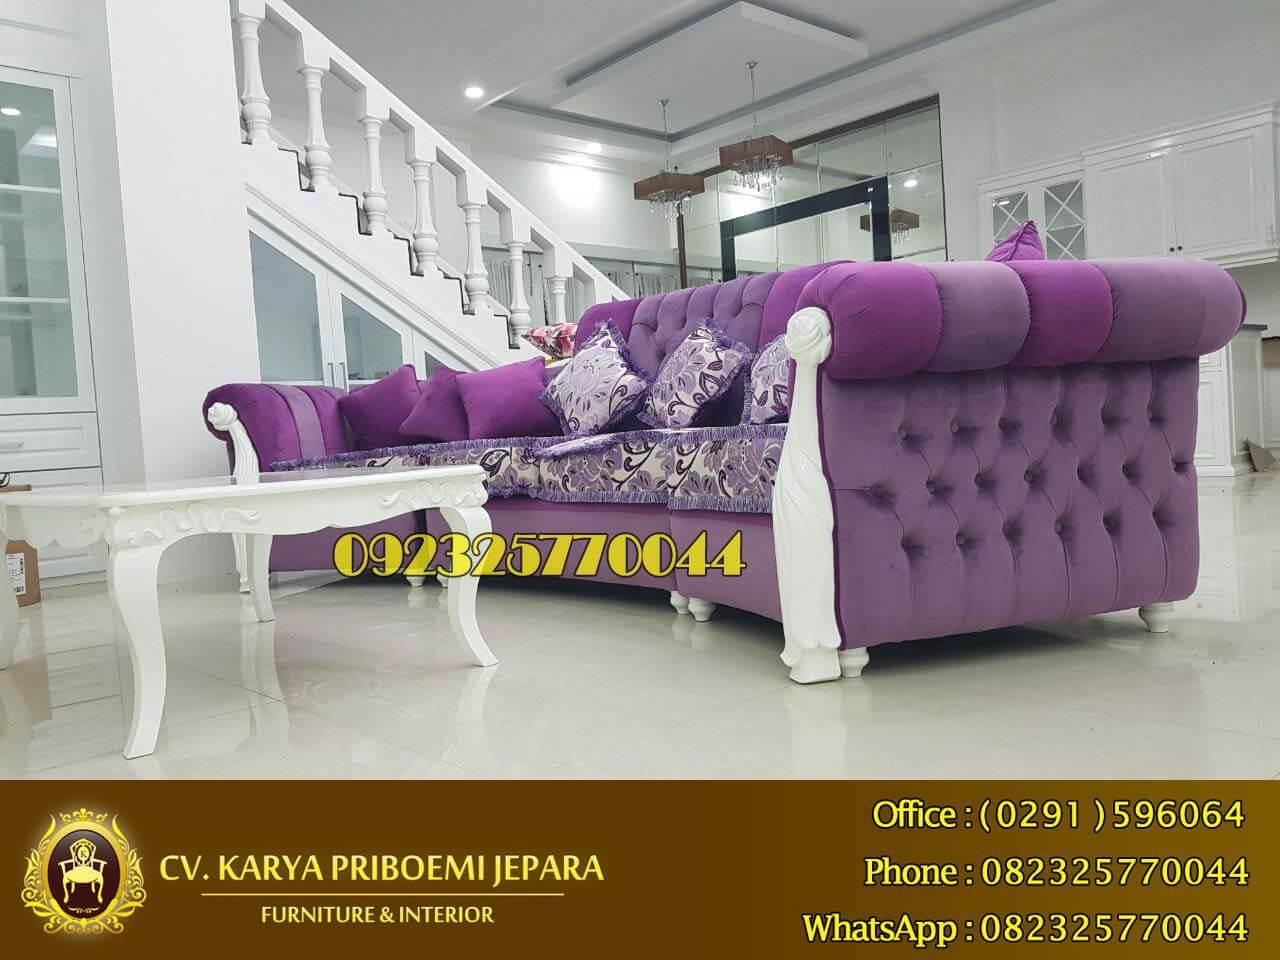 Sofa Keluarga Mewah Harga Murah